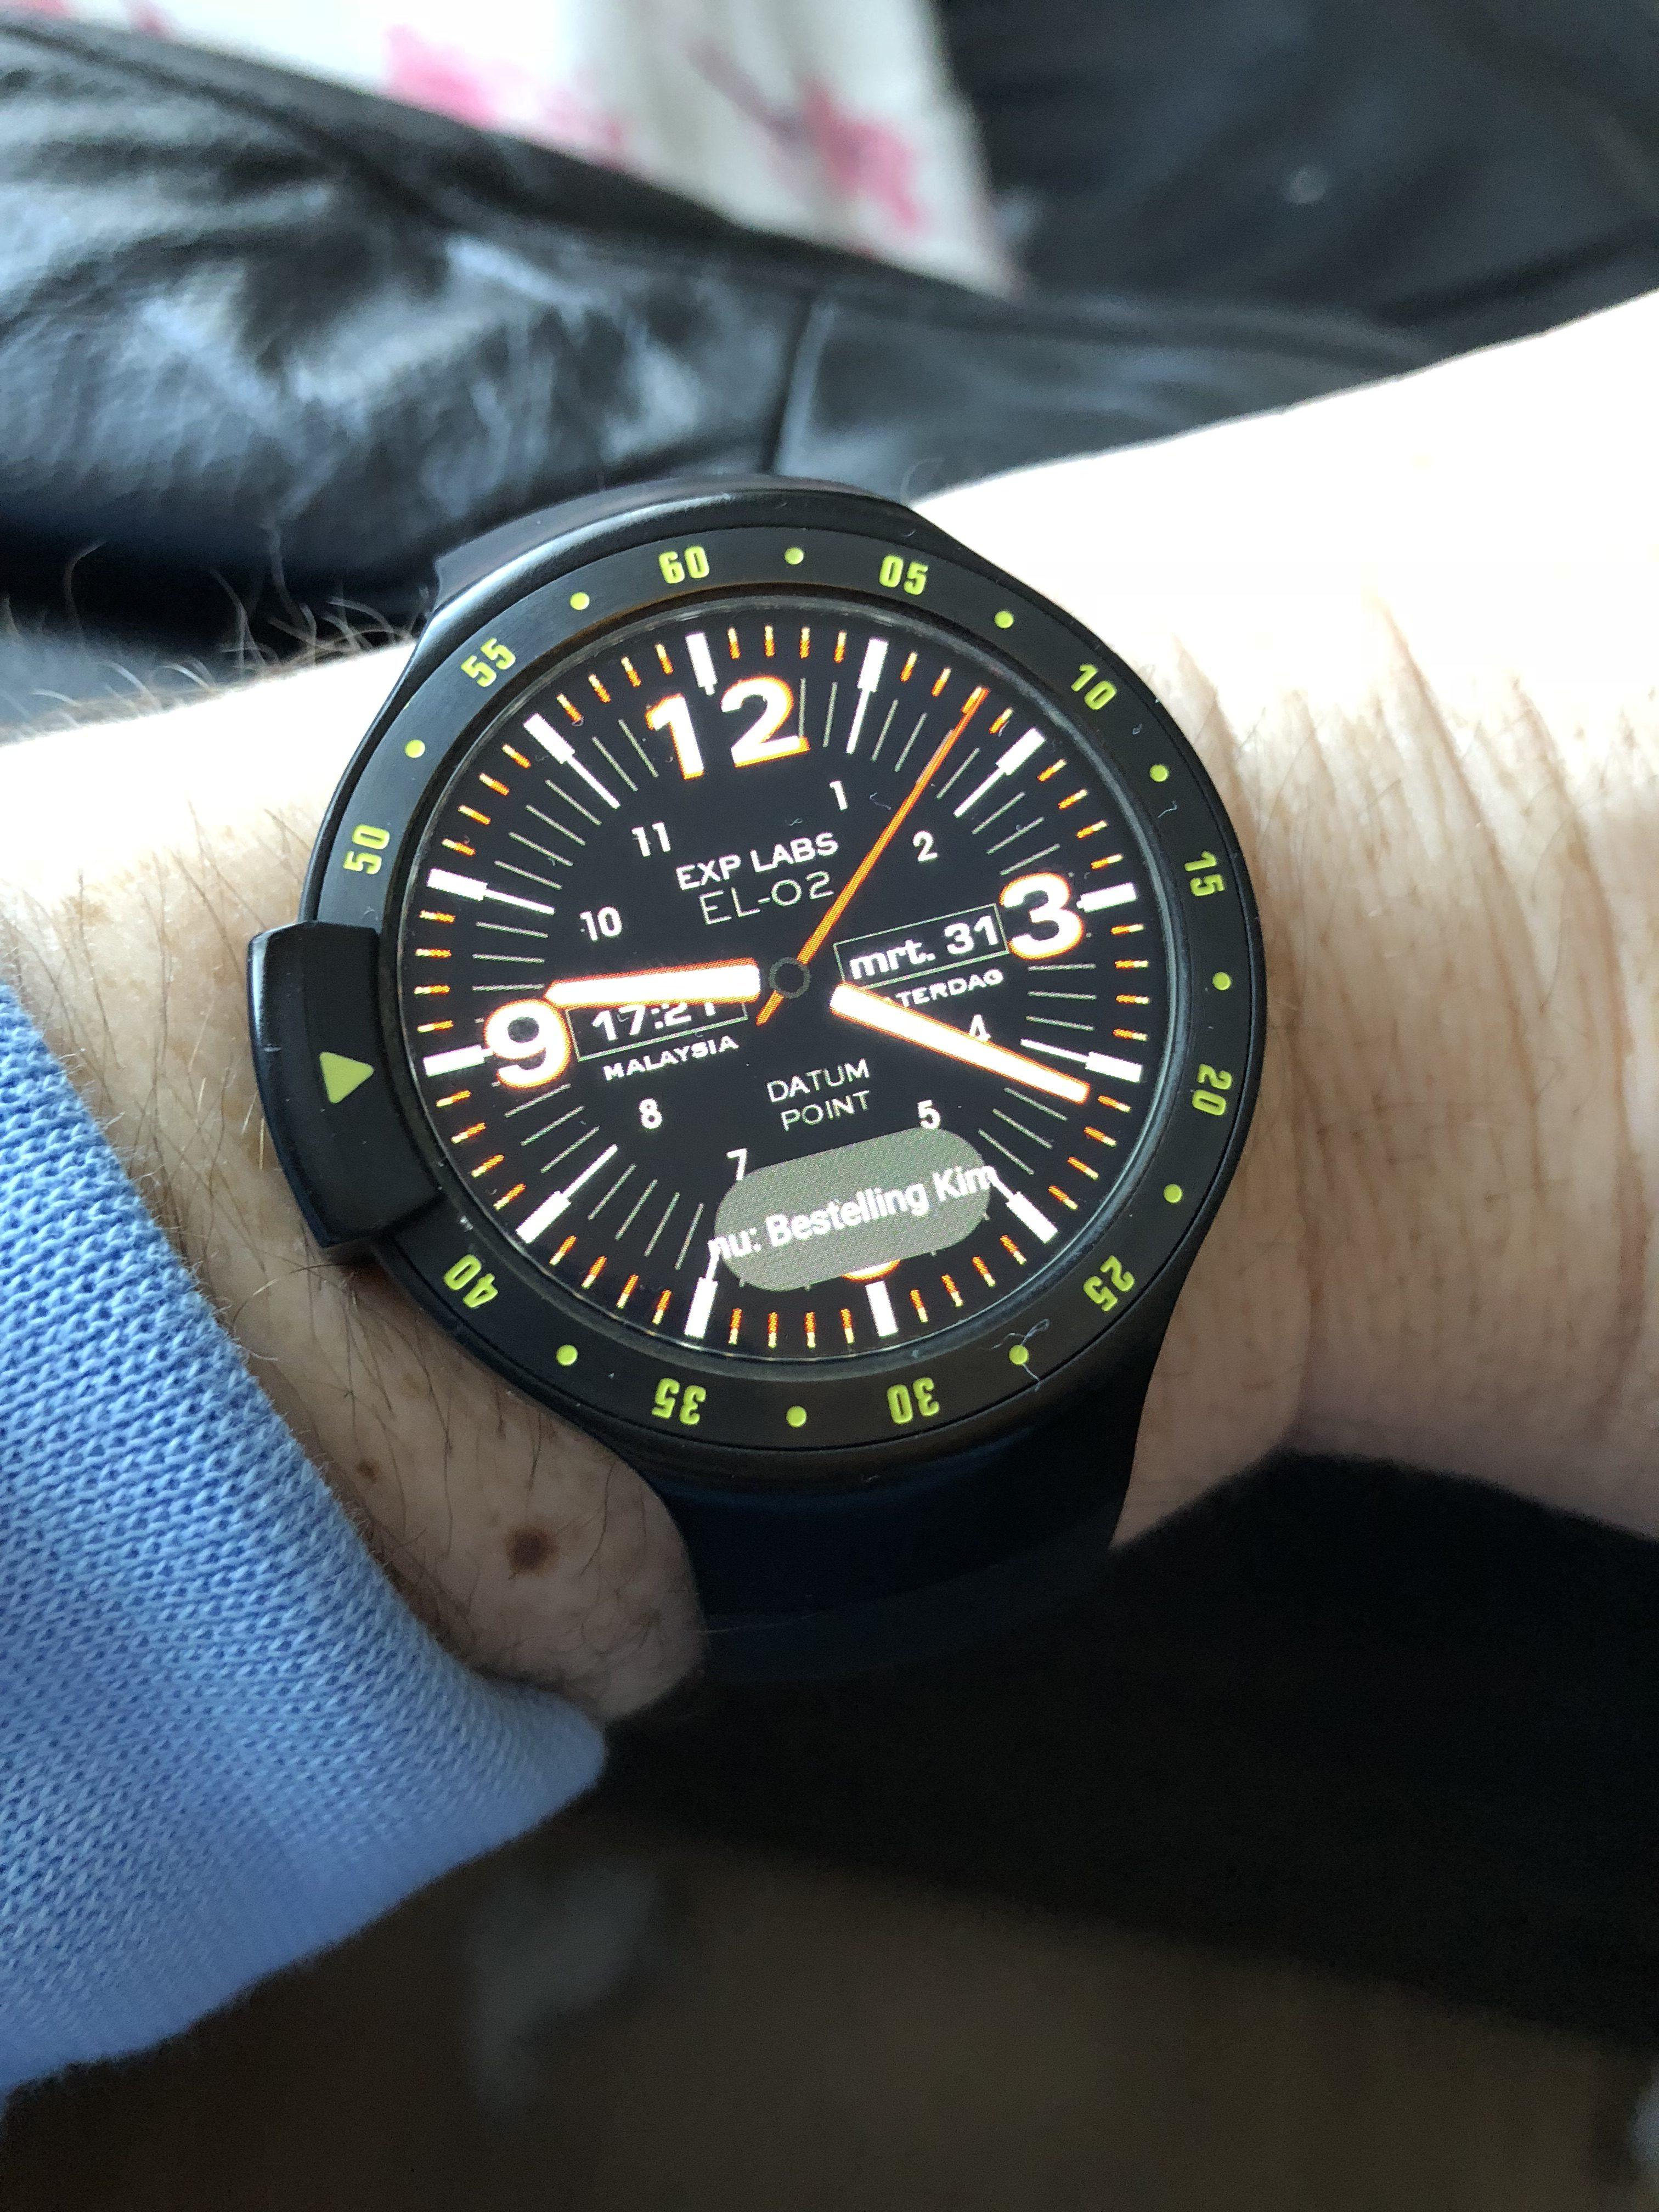 Aan de smartwatch